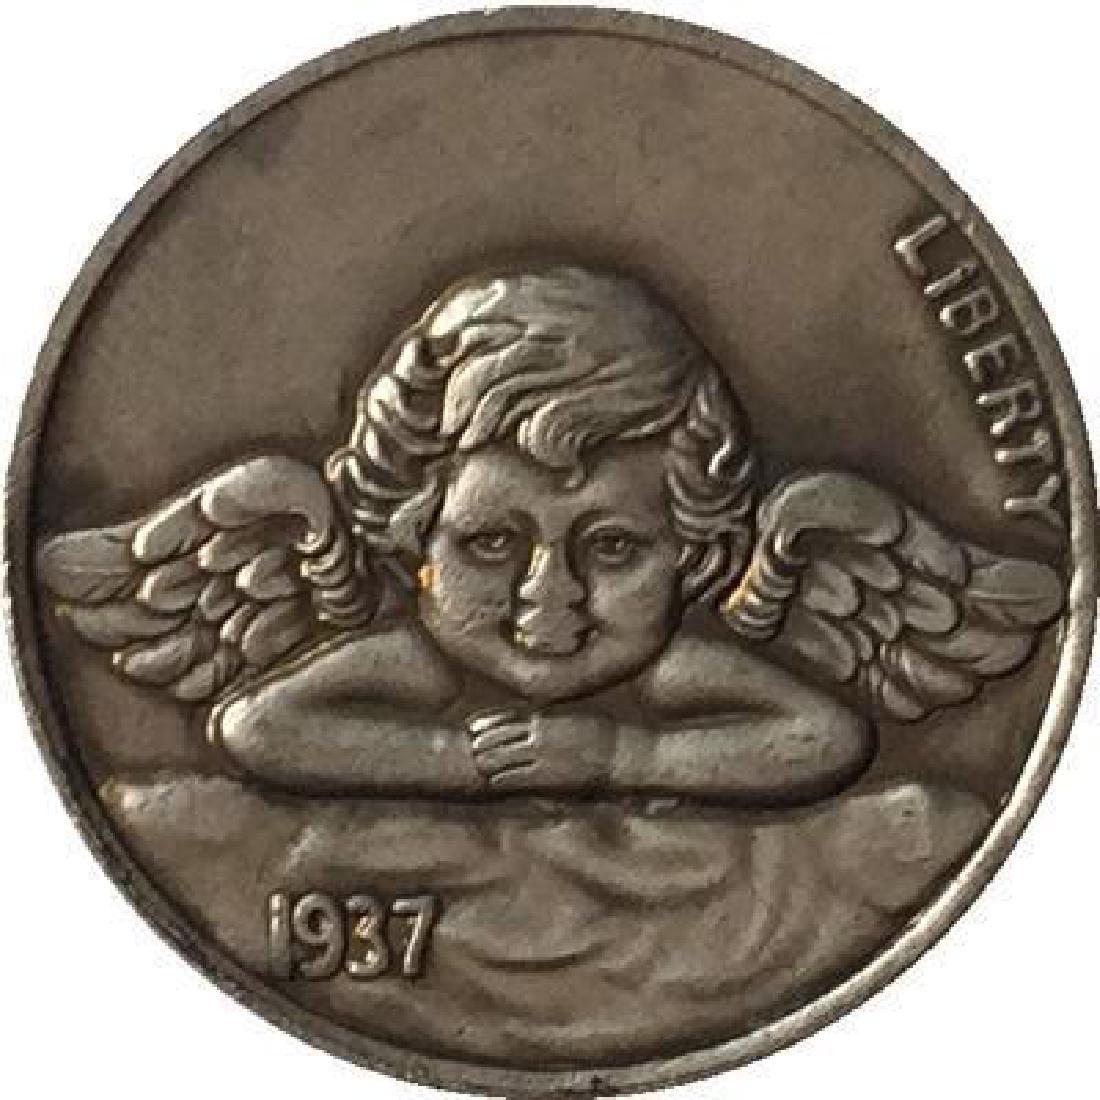 1937 USA Baby Angel Buffalo Coin